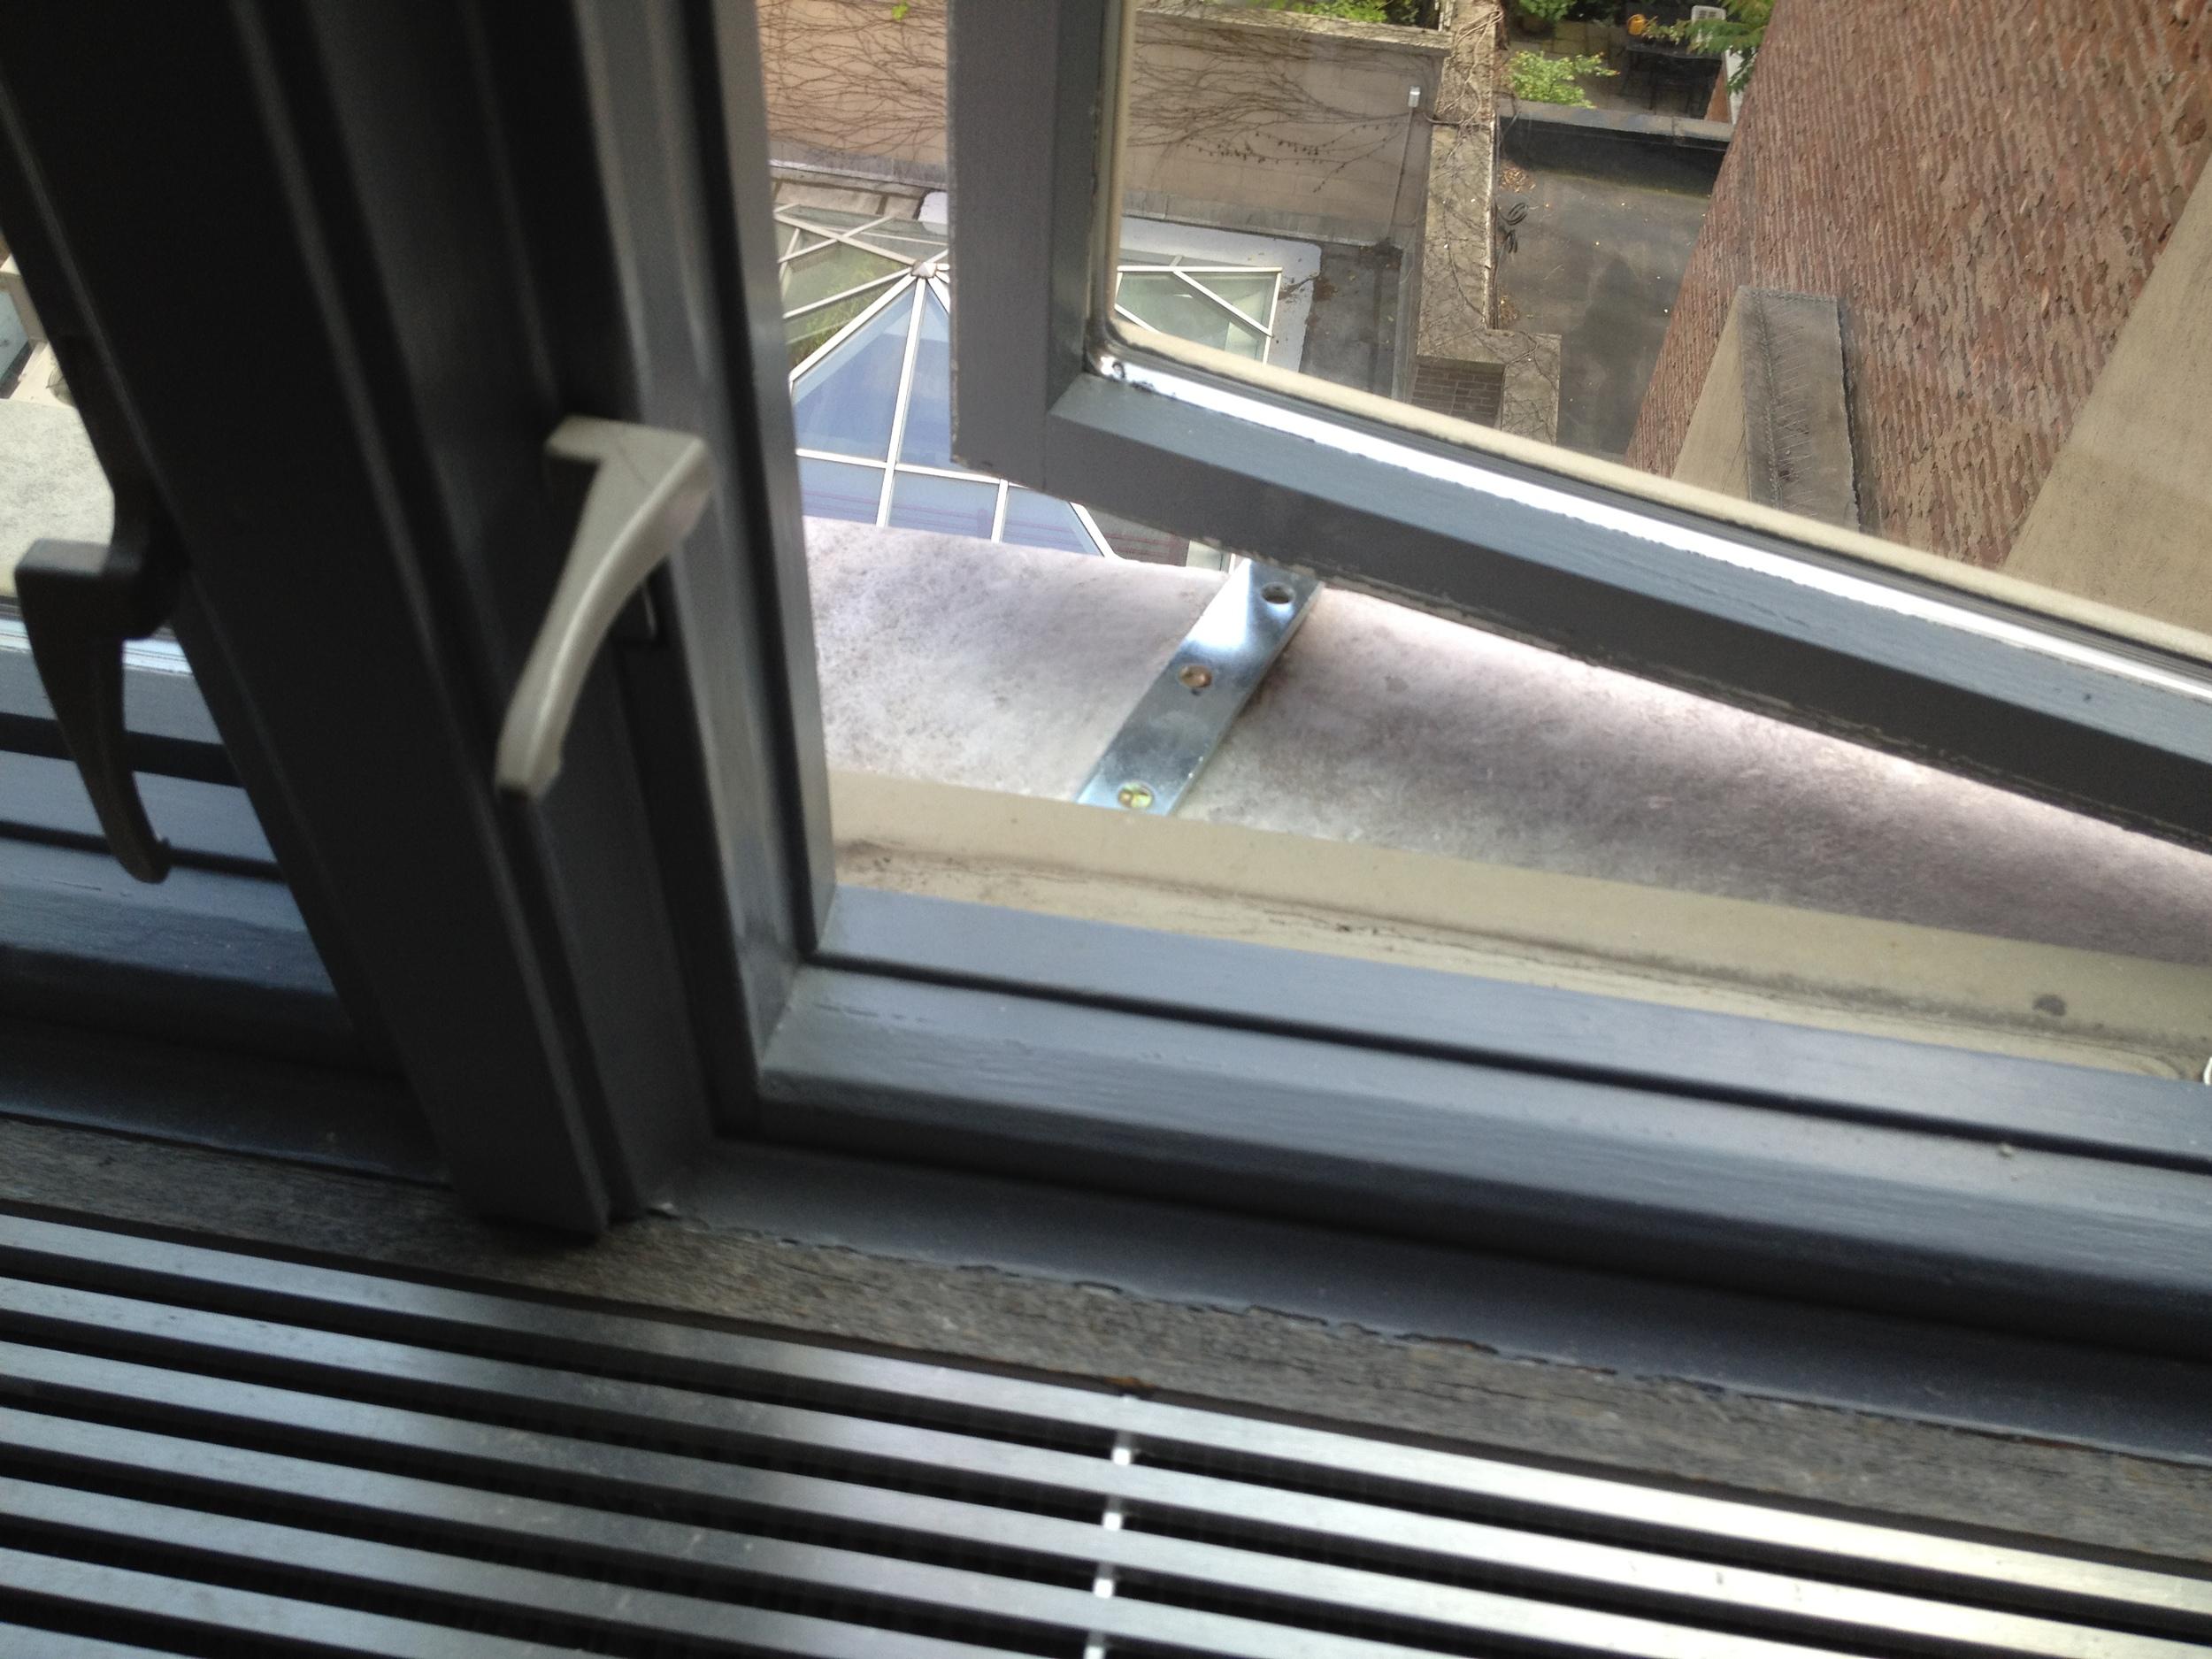 casement window baby proofing